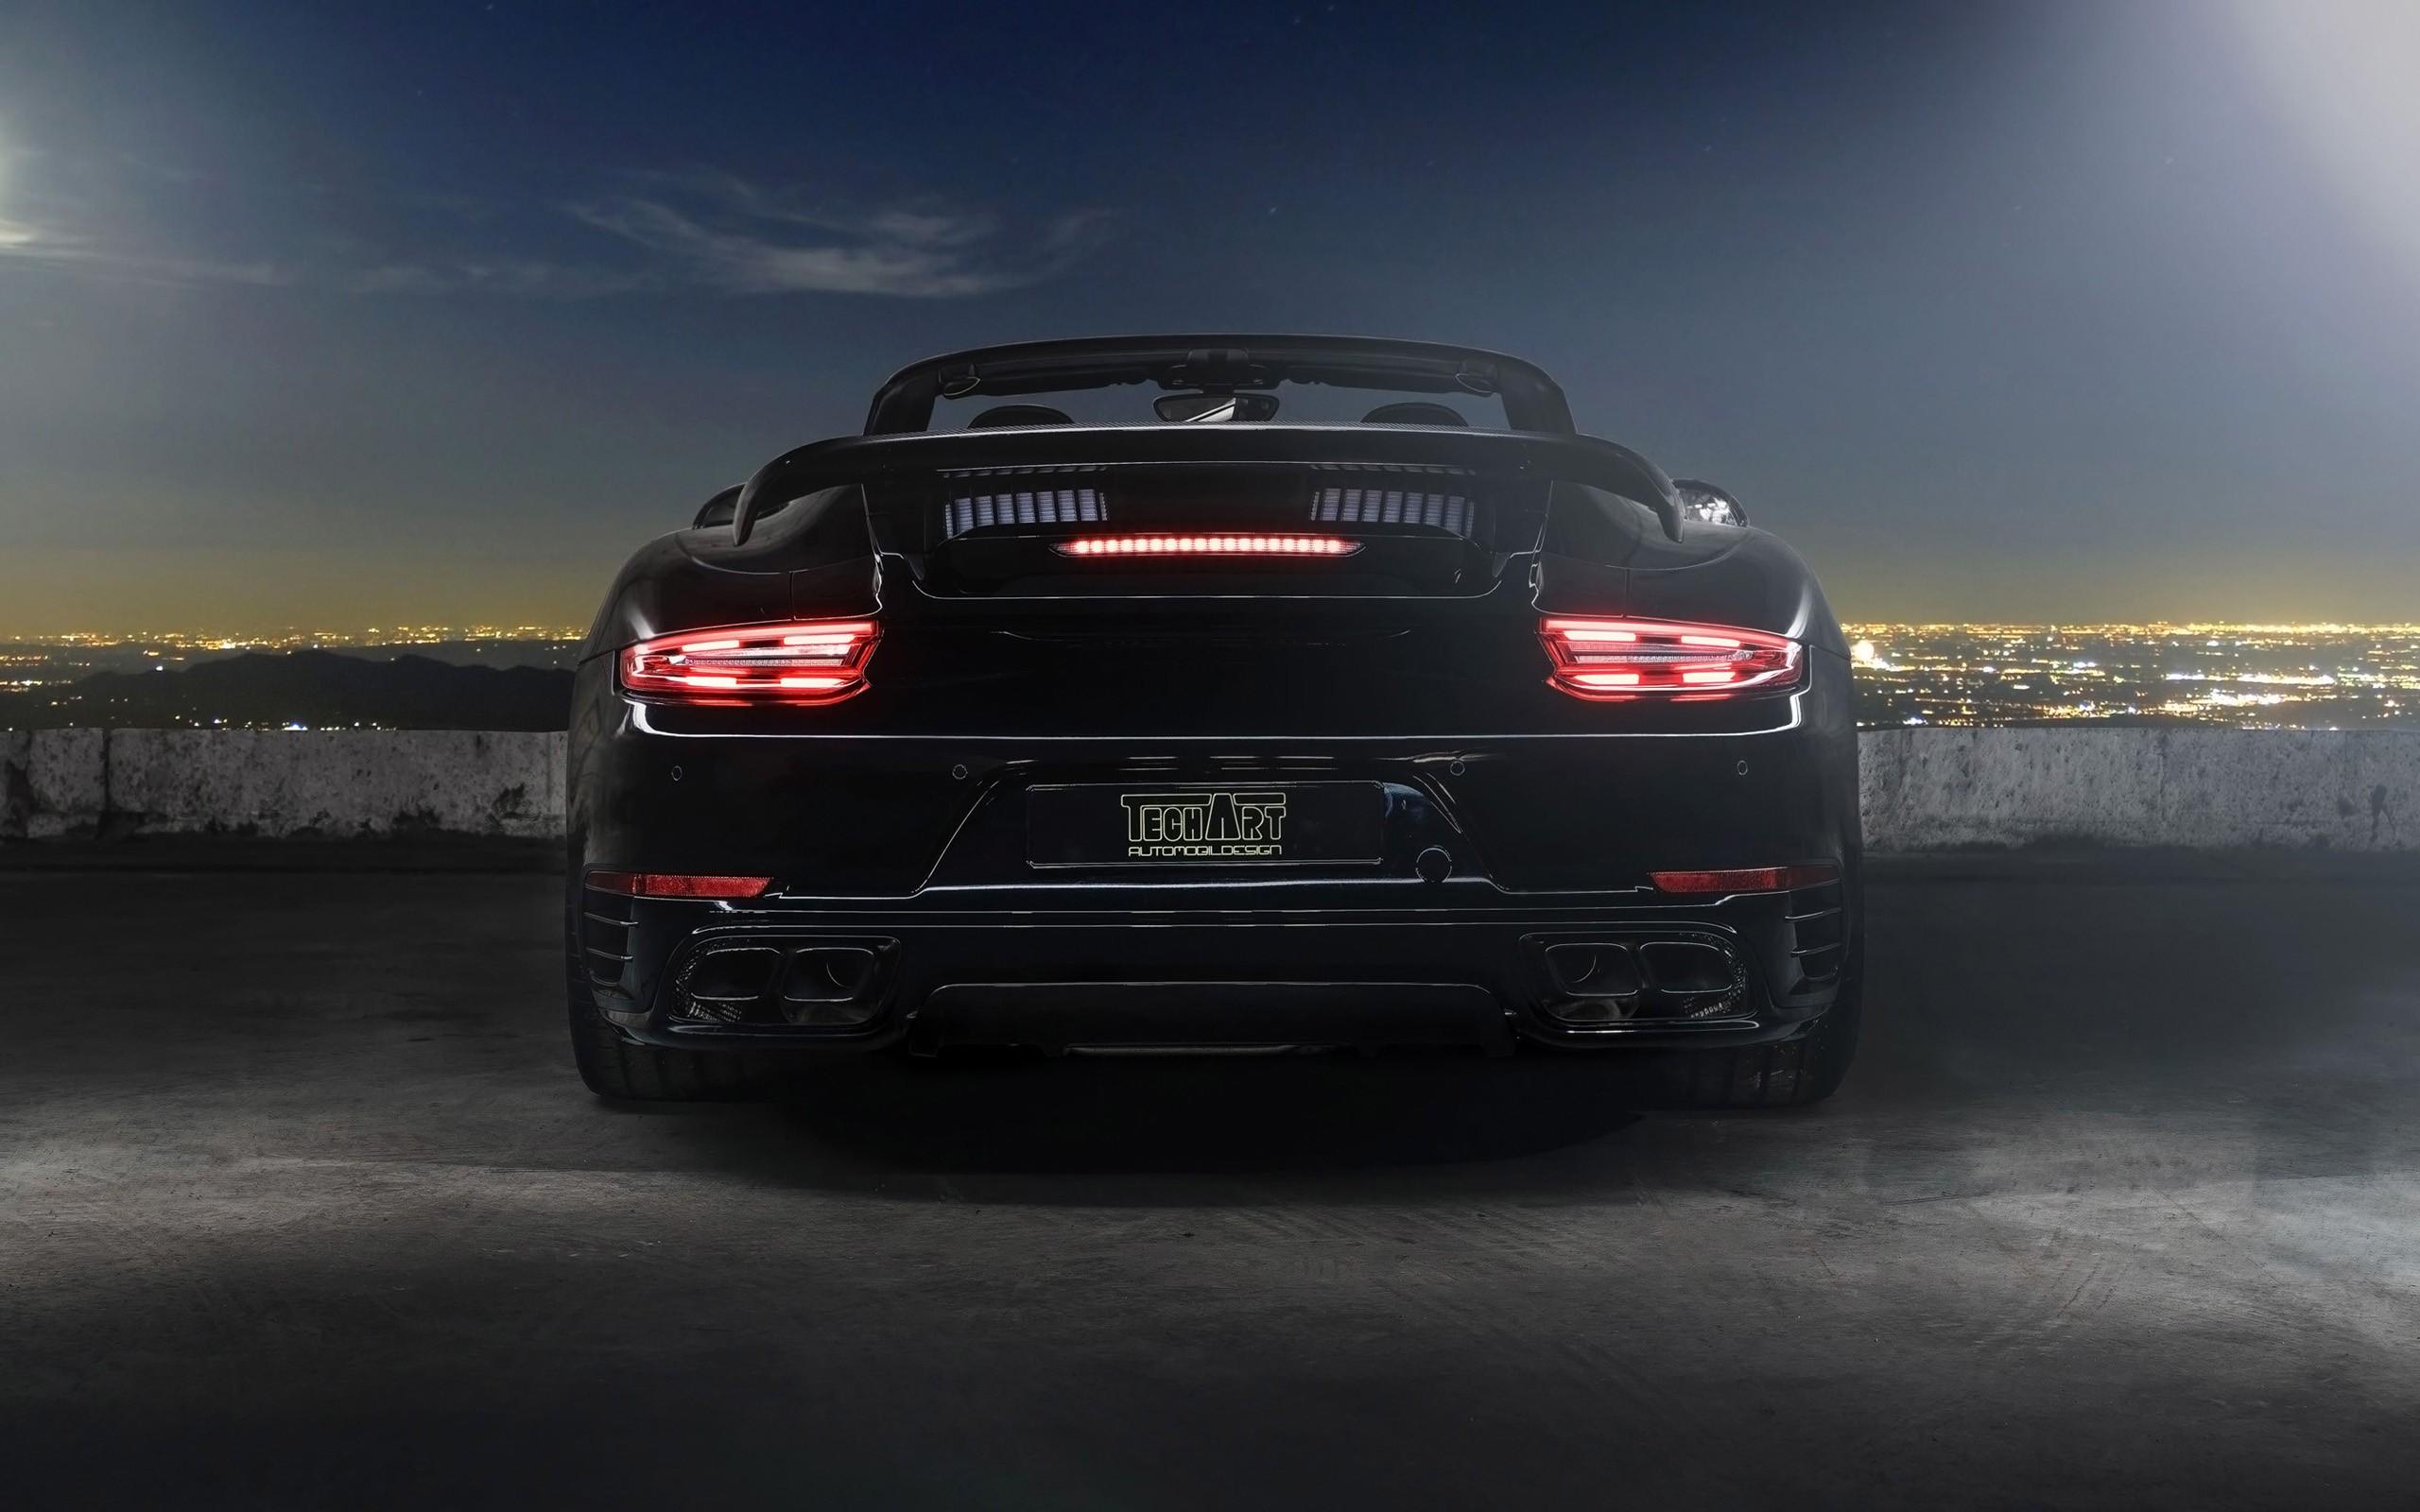 Porsche Boxster Wallpaper Hd 2016 Techart Porsche 911 Convertible 3 Wallpaper Hd Car